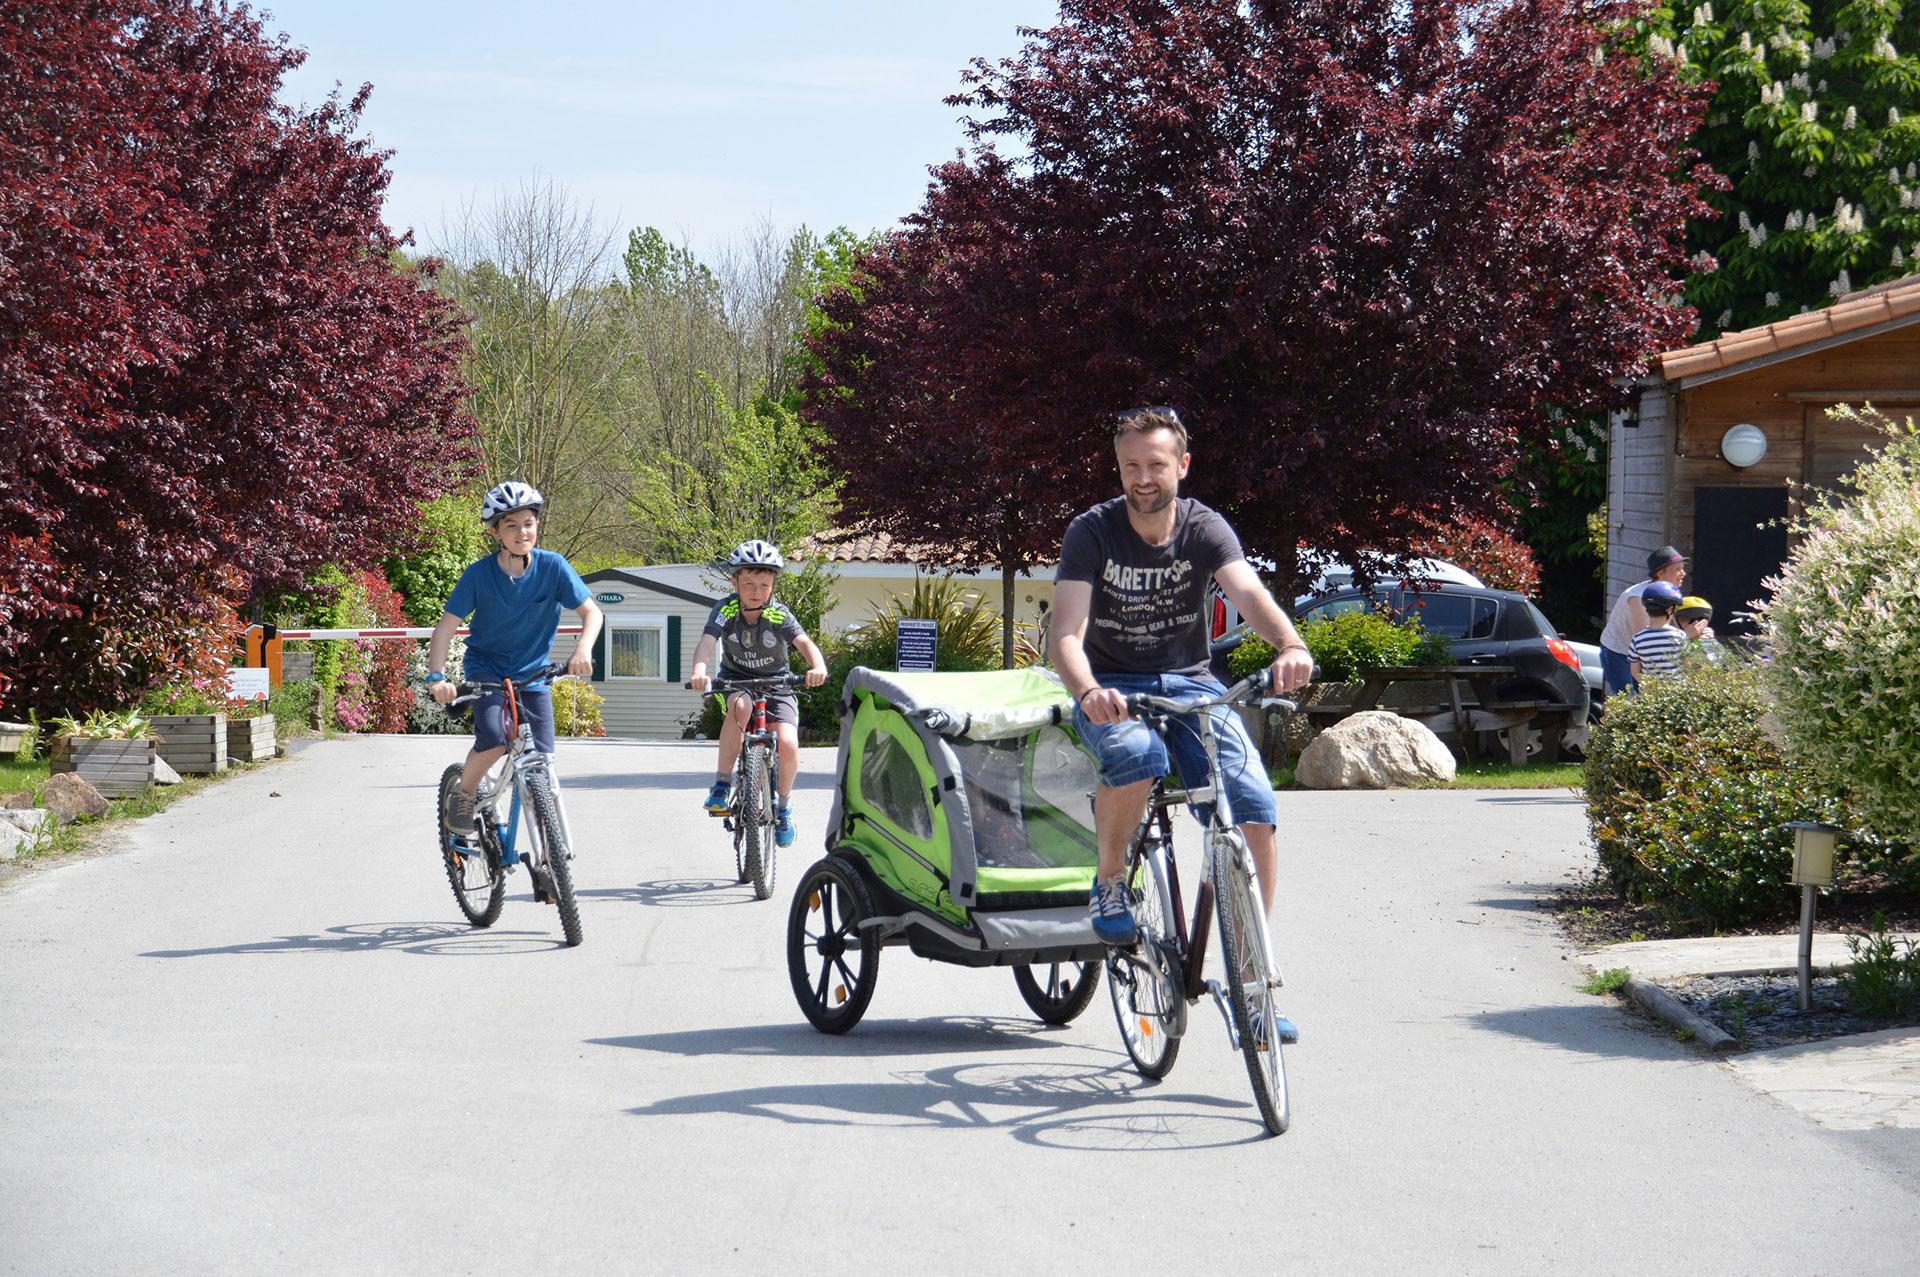 Pistes cyclables à proximité du camping